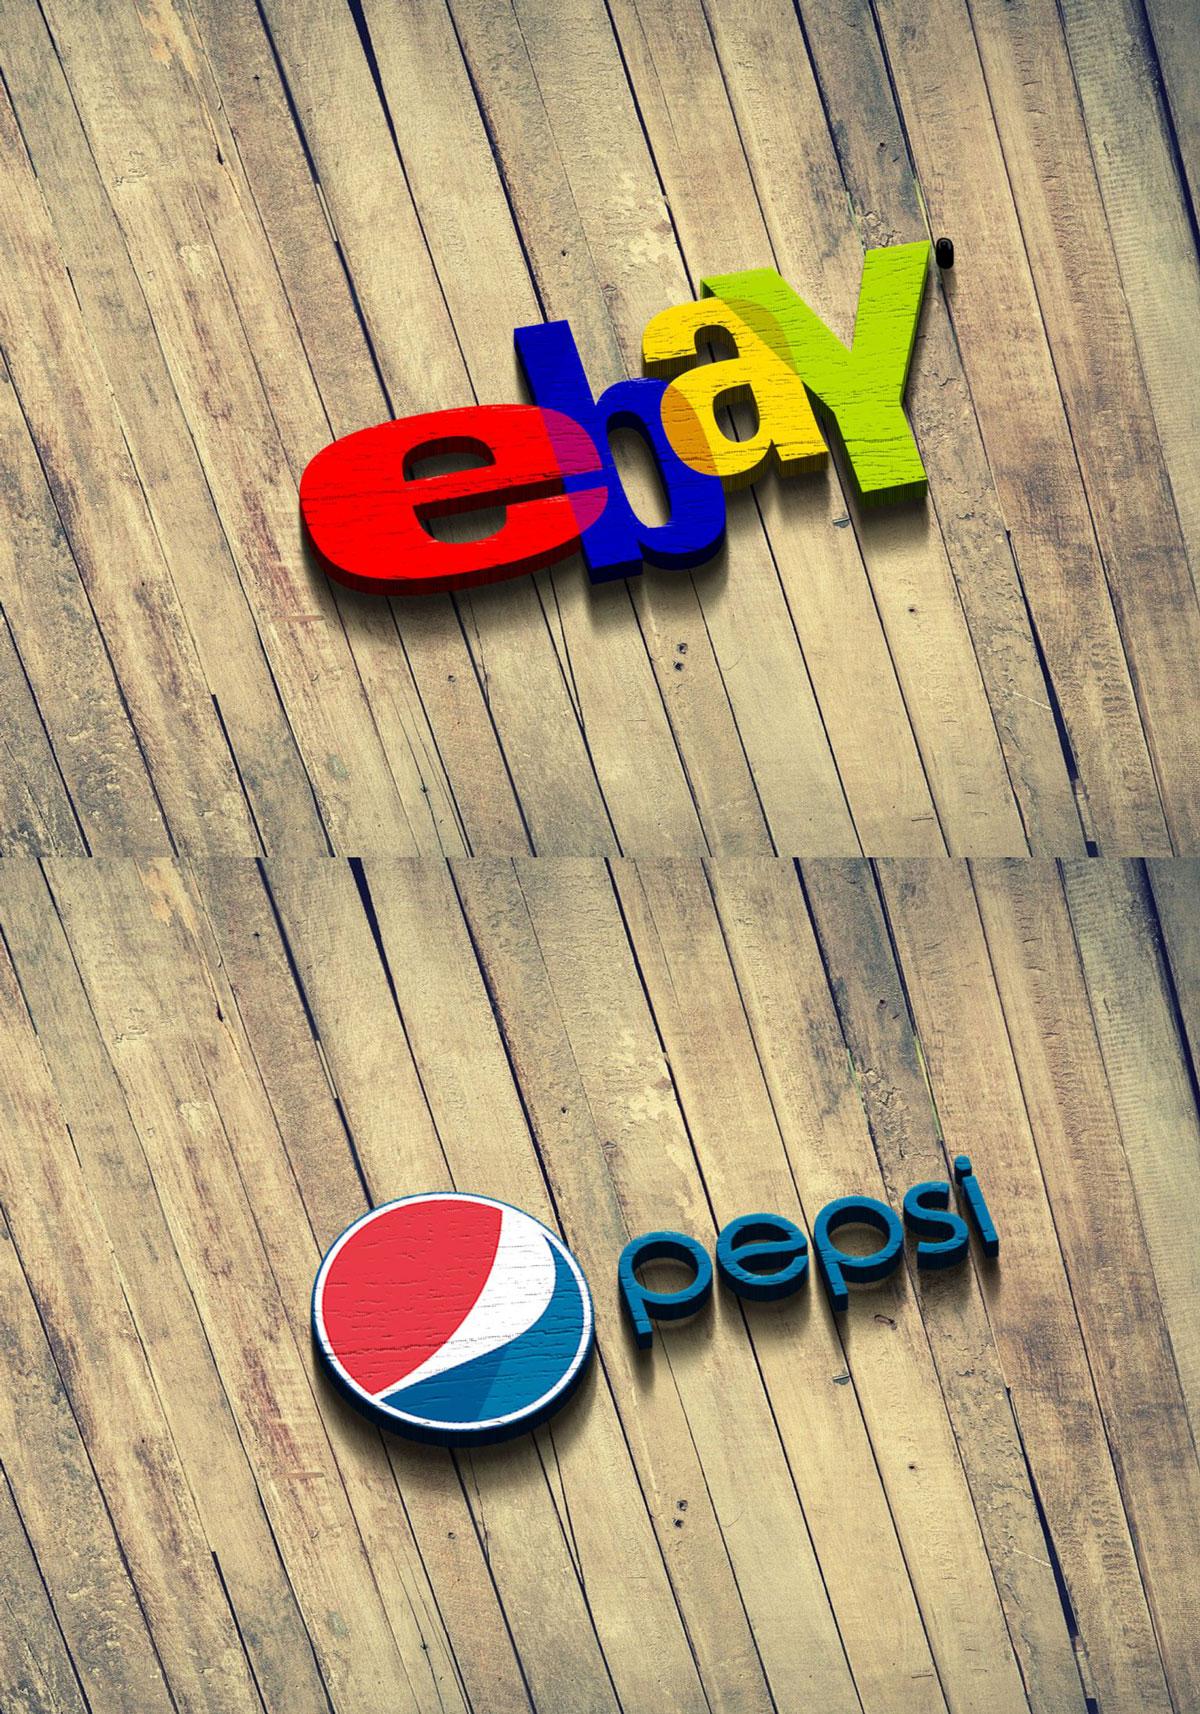 Free Wood Fence 3D Logo Mockup Download